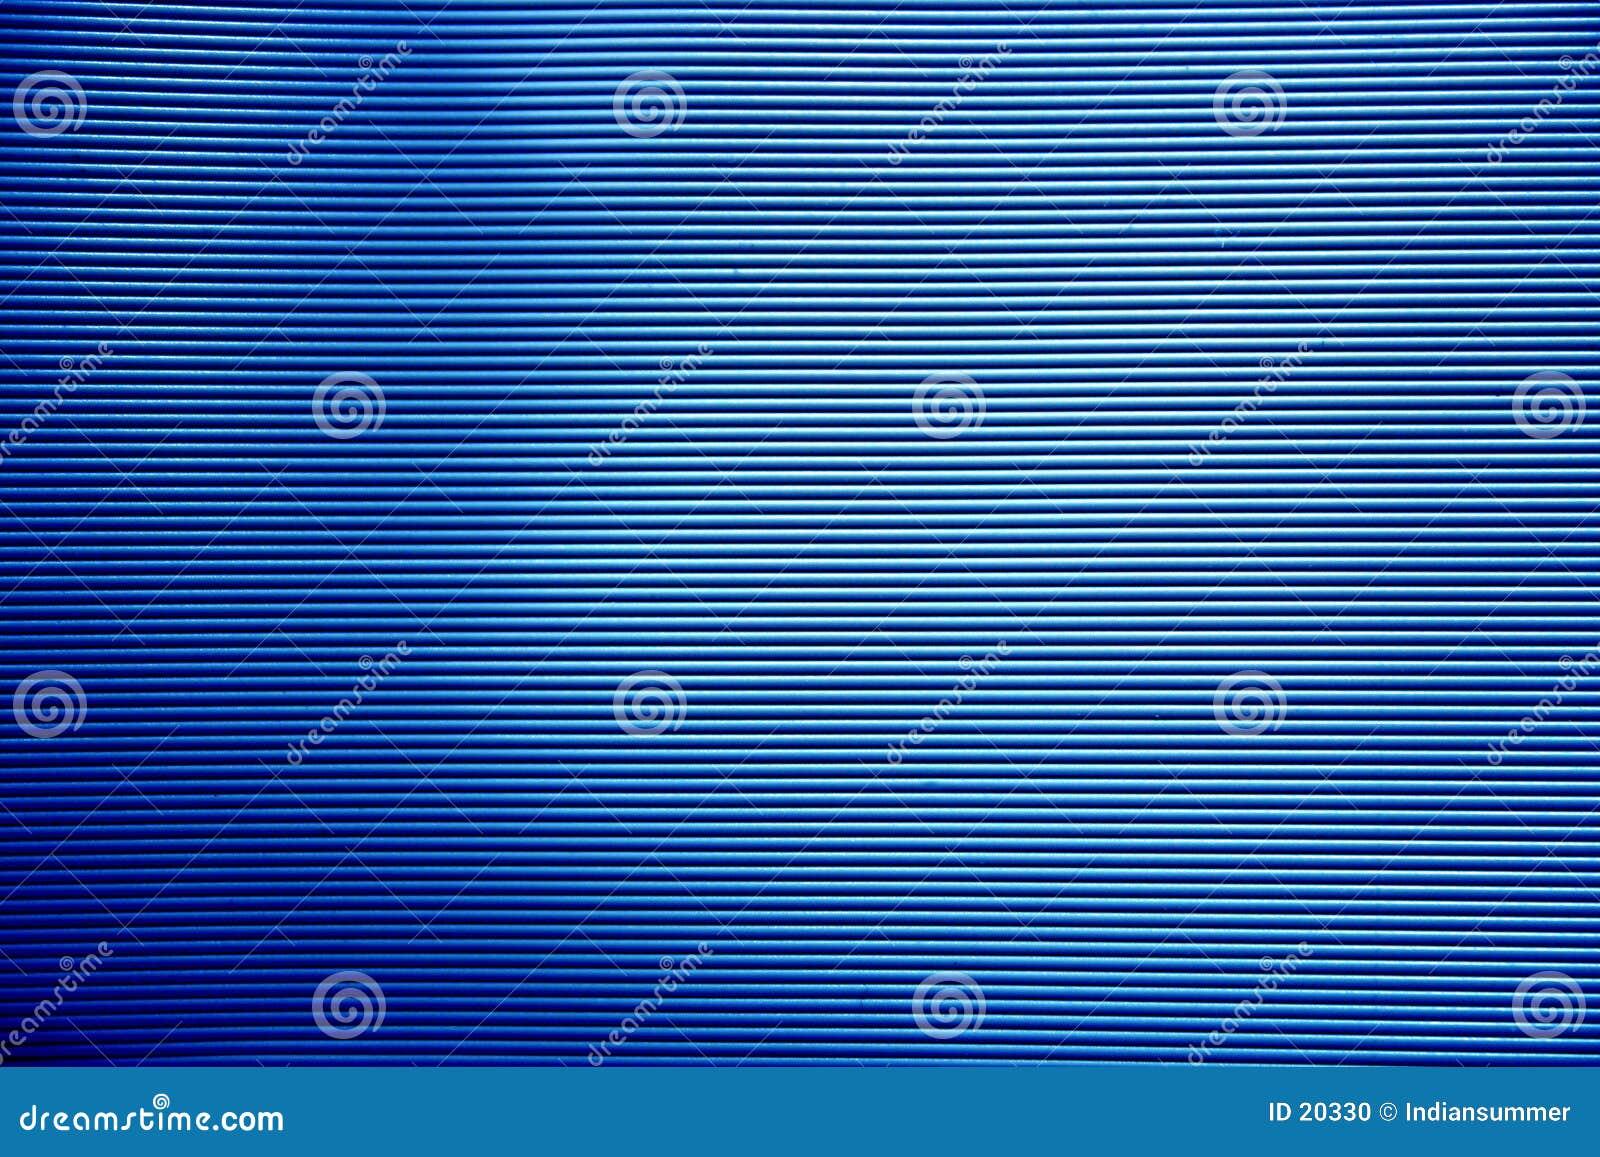 провод текстуры компьютера ii